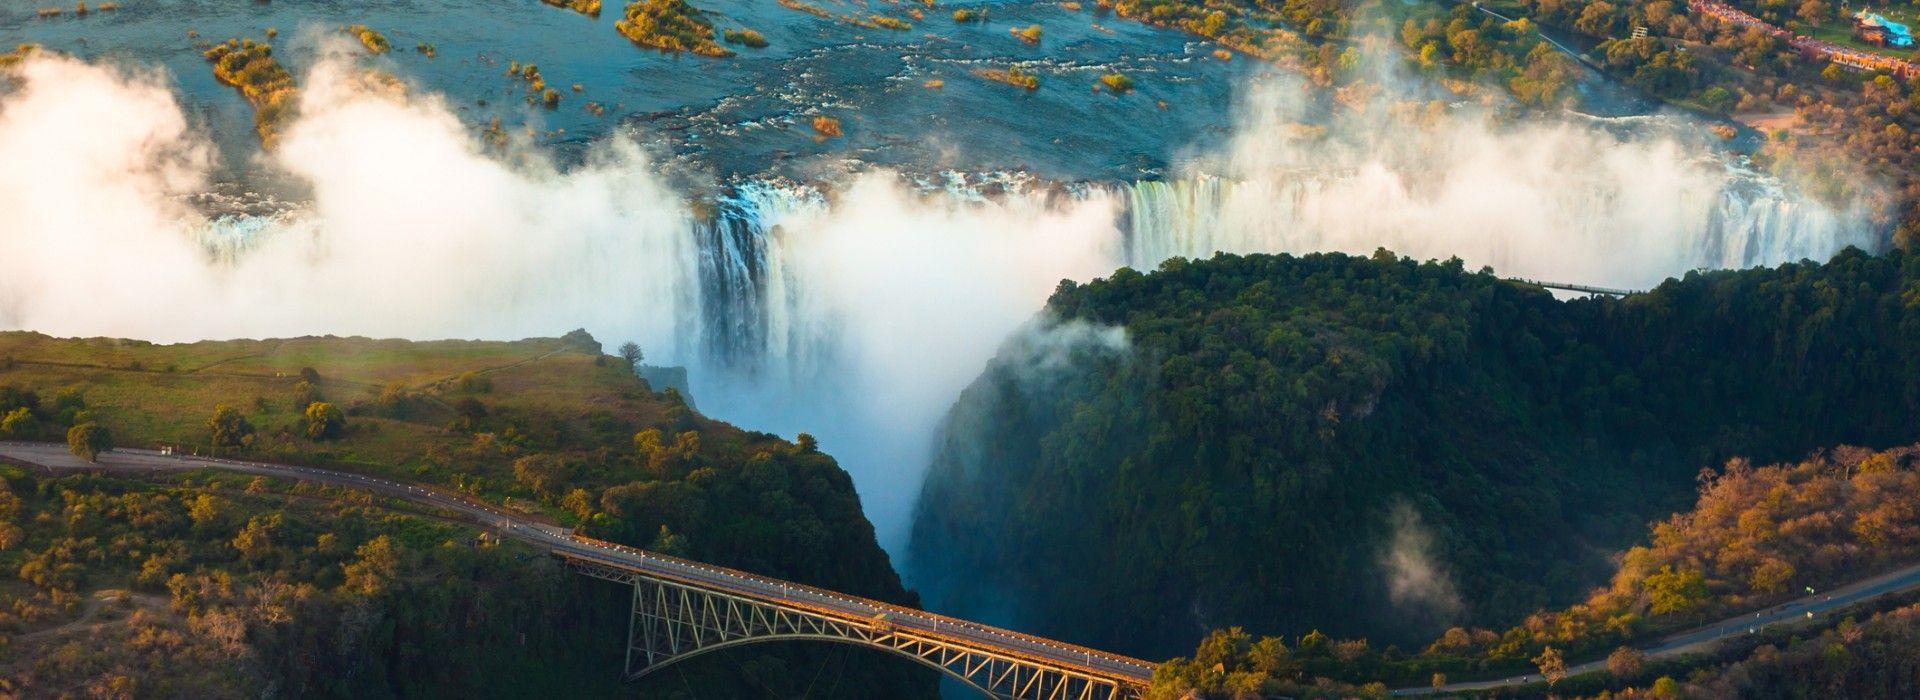 Waterfalls Tours in Zambia